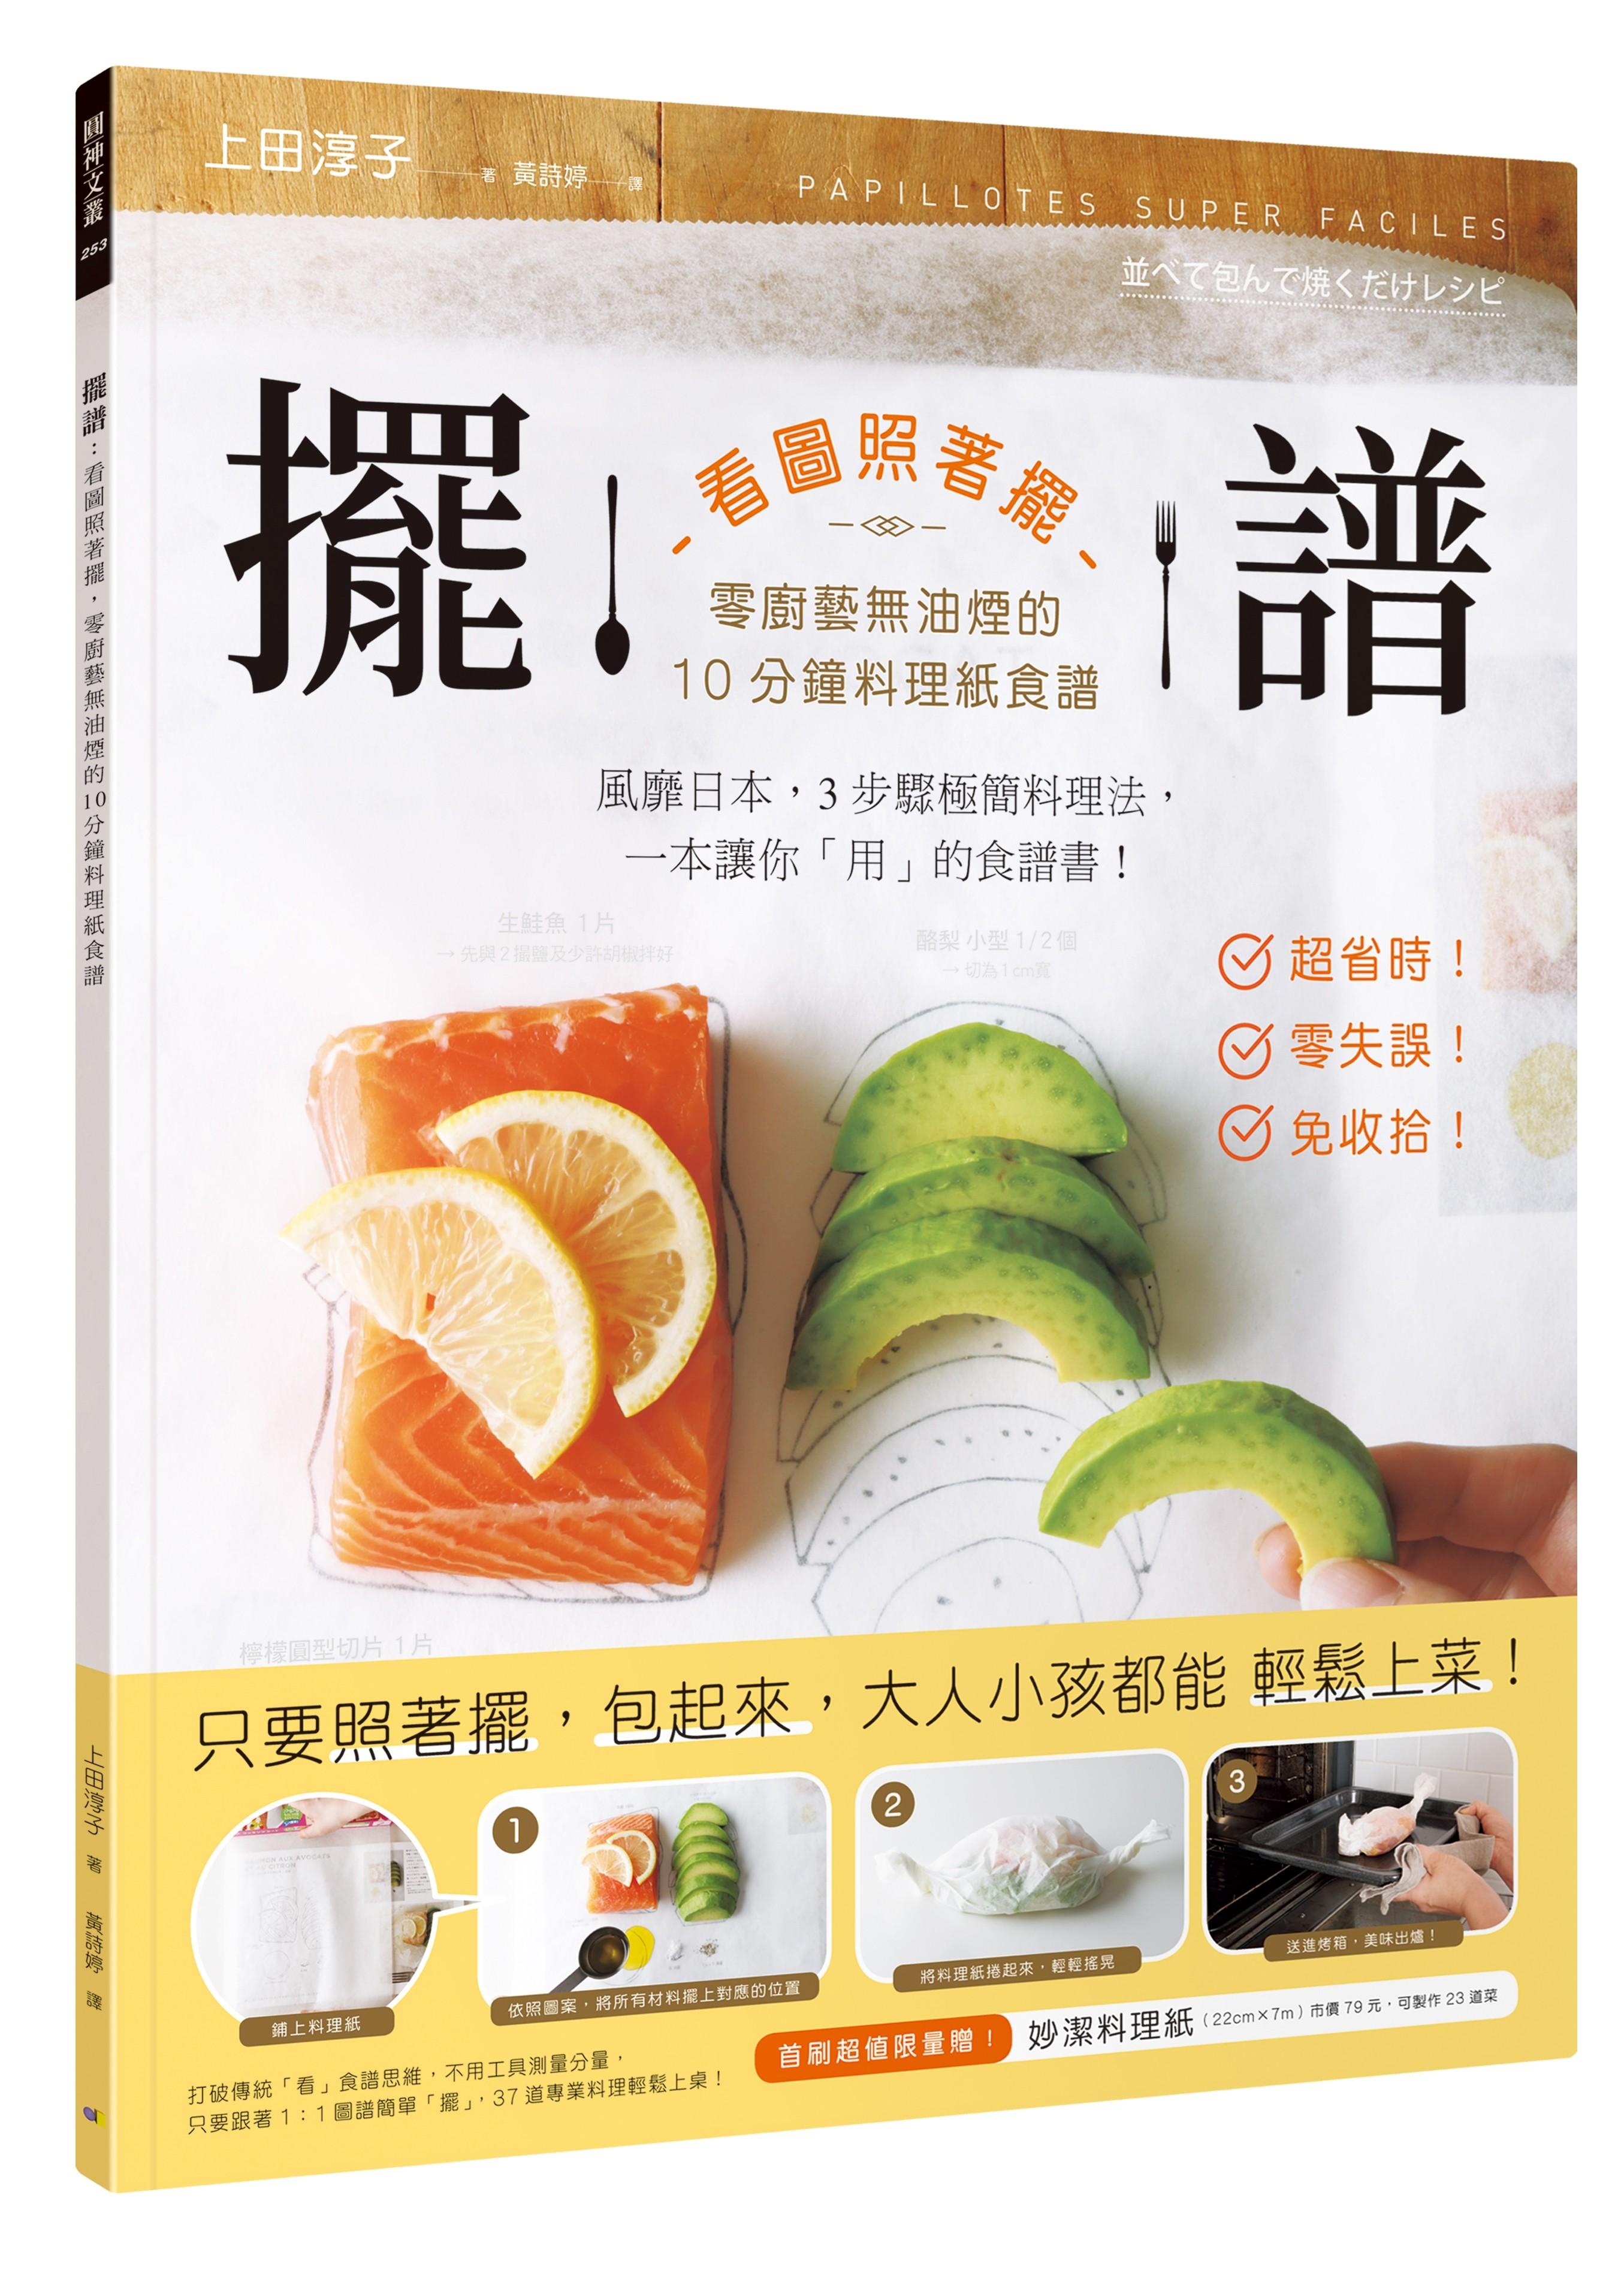 擺譜:看圖照著擺,零廚藝無油煙的10分鐘料理紙食譜(圖/圓神出版提供)